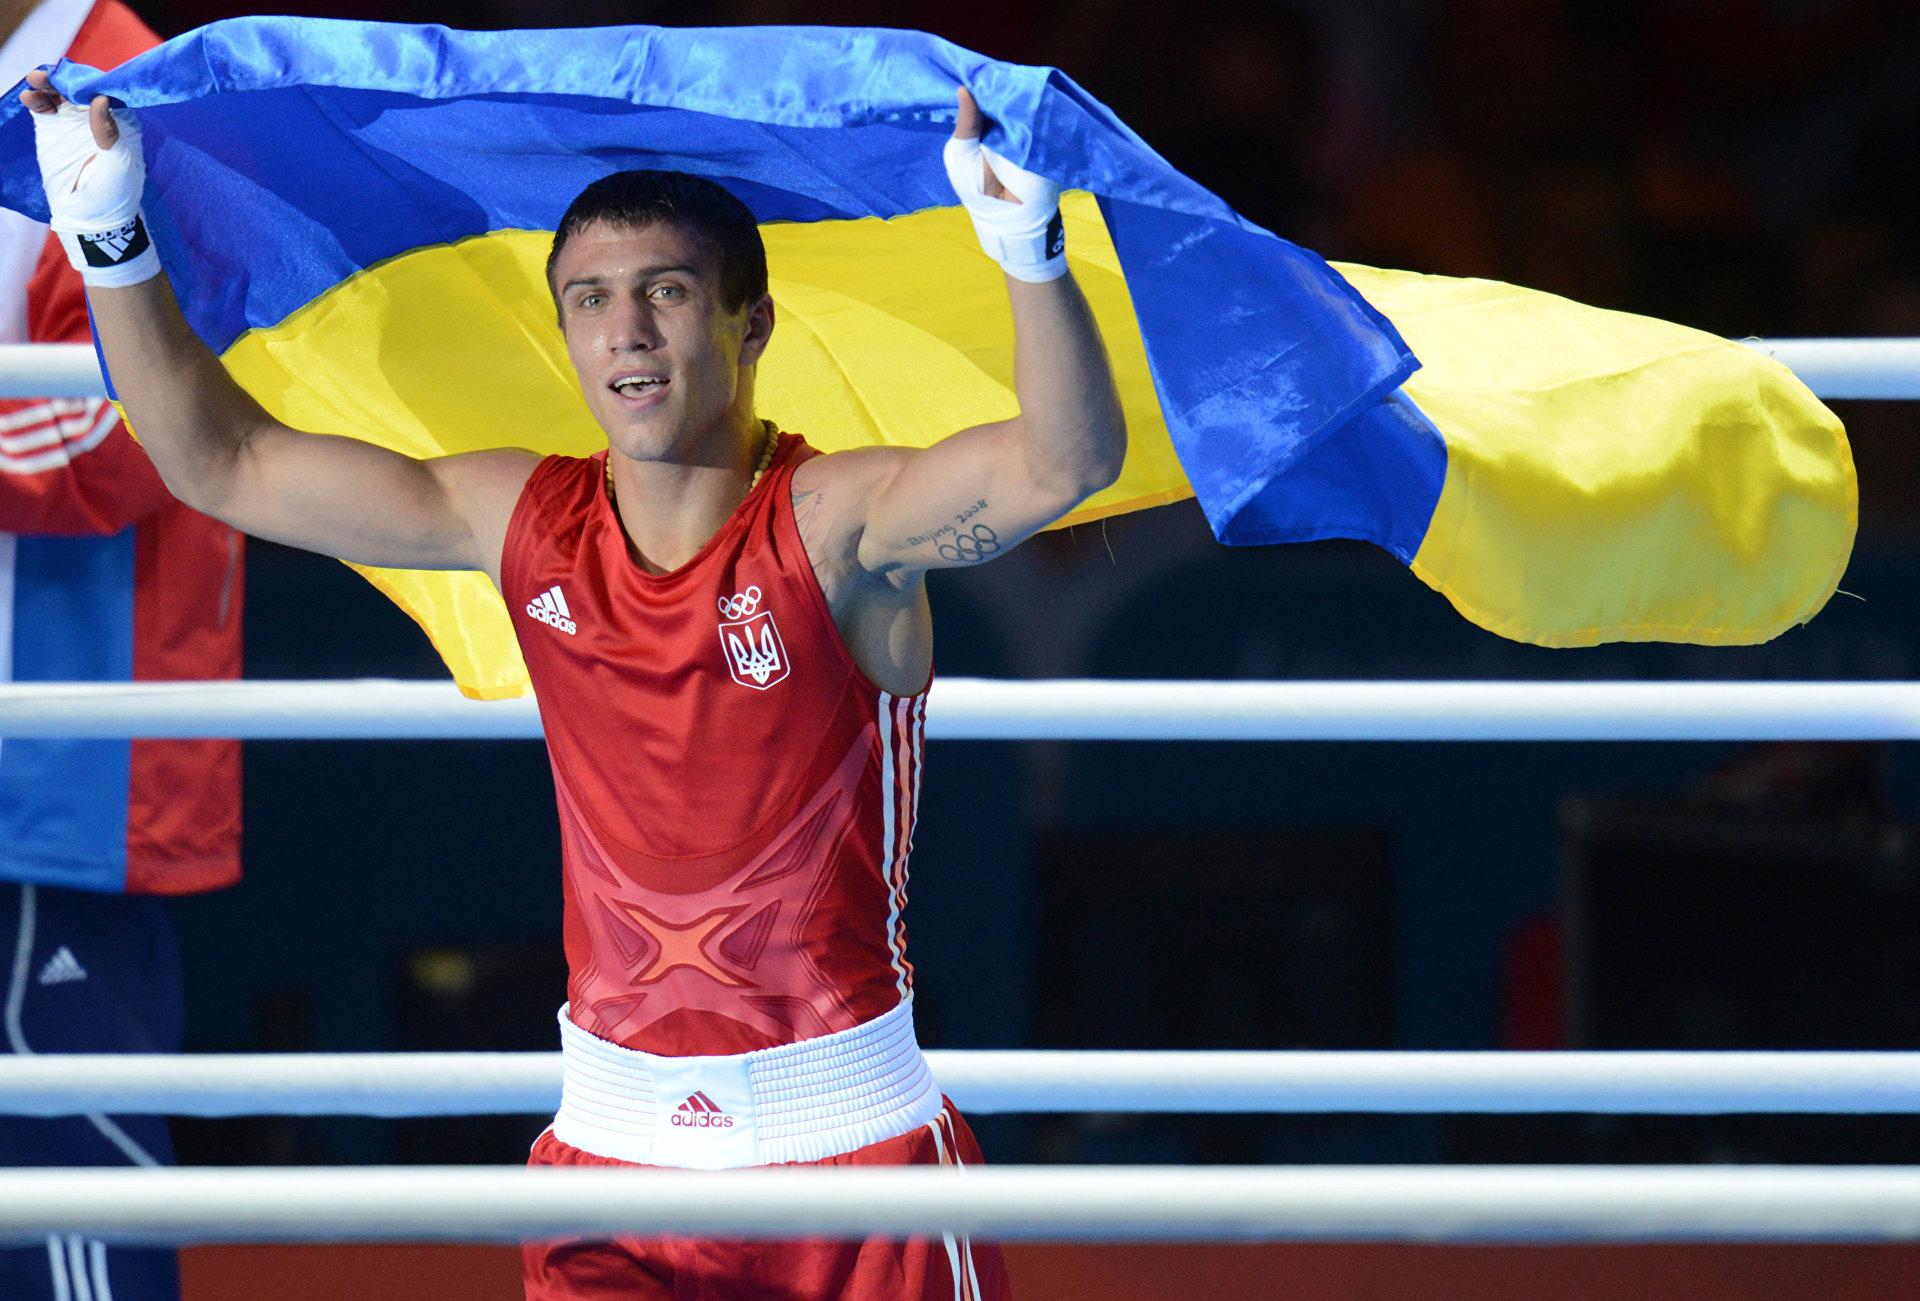 незаменим для фото всех боксеров украины этот период группы